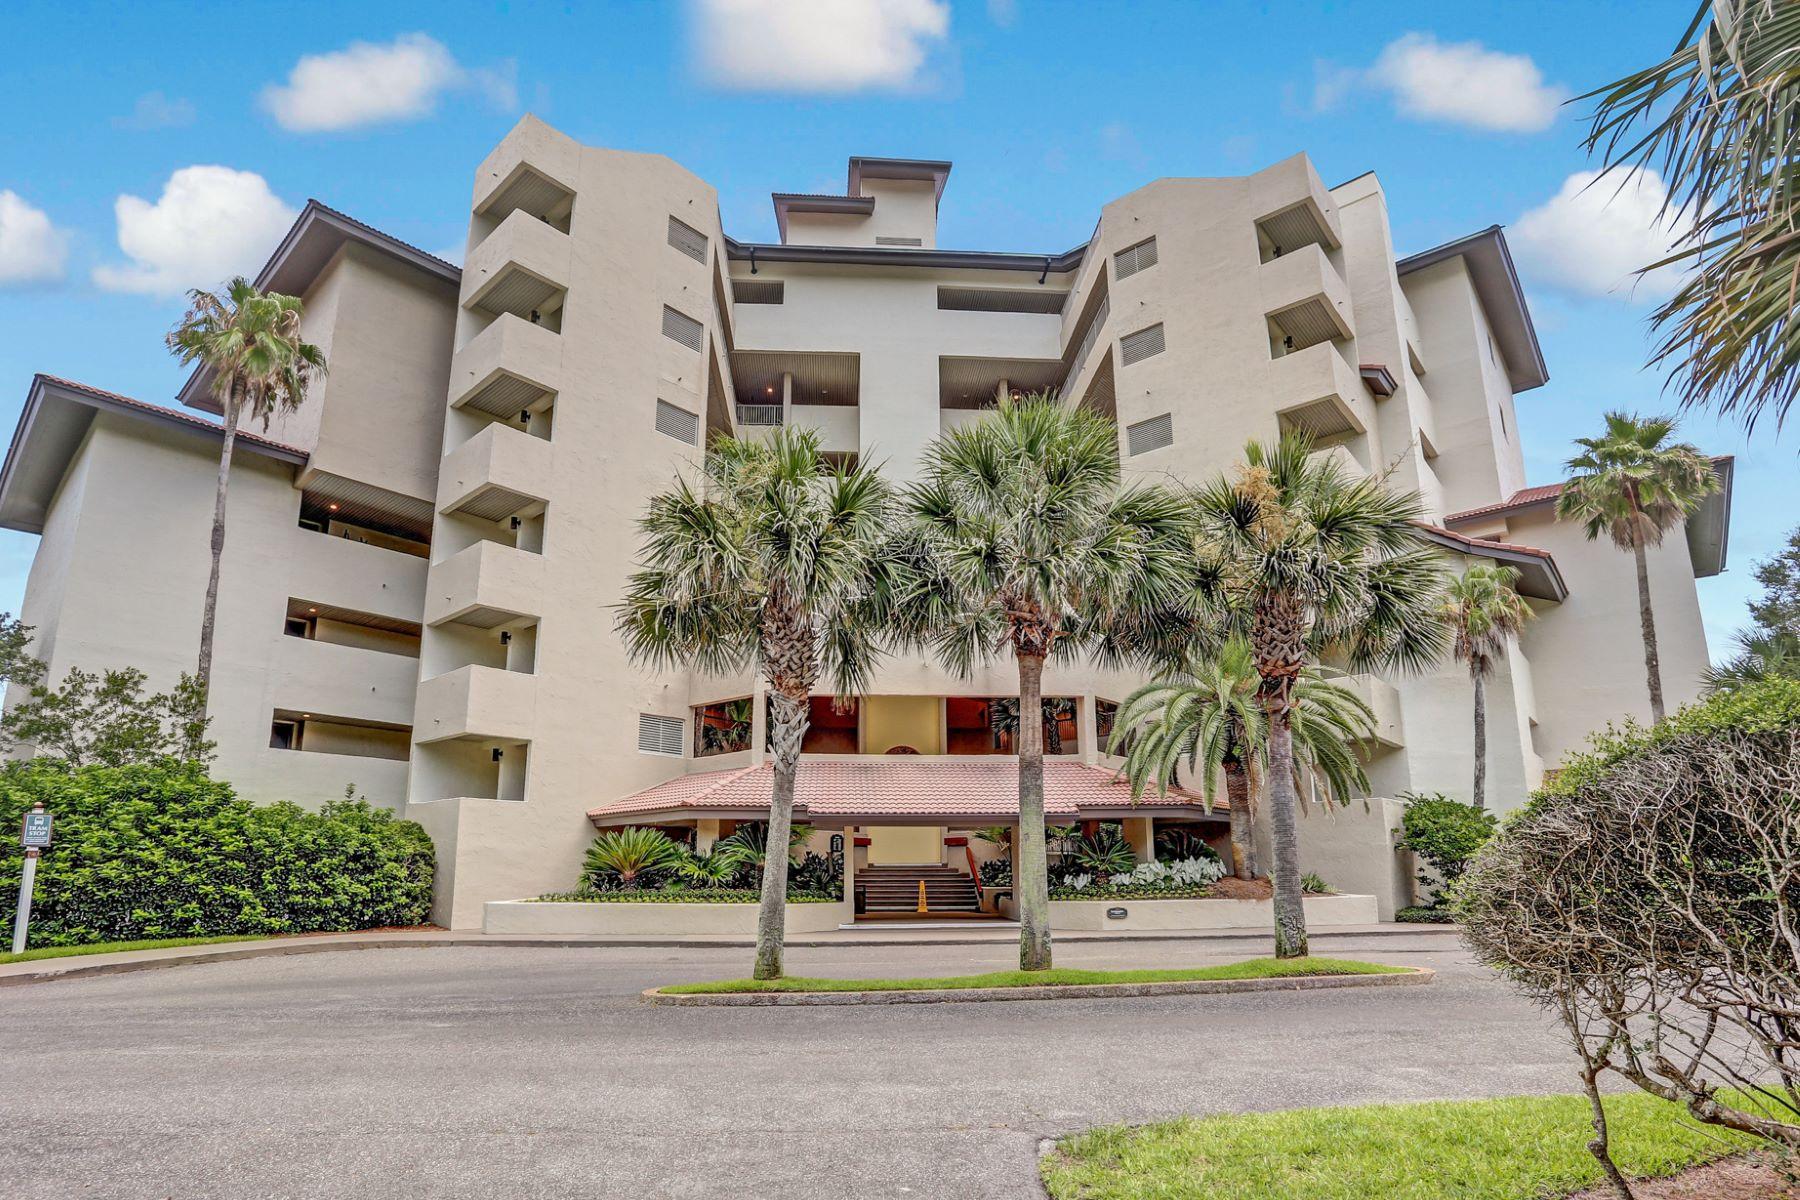 Condomínio para Venda às Oceanfront Villa in Prestigious Community 232 Sandcastles Court Amelia Island, Florida, 32034 Estados Unidos